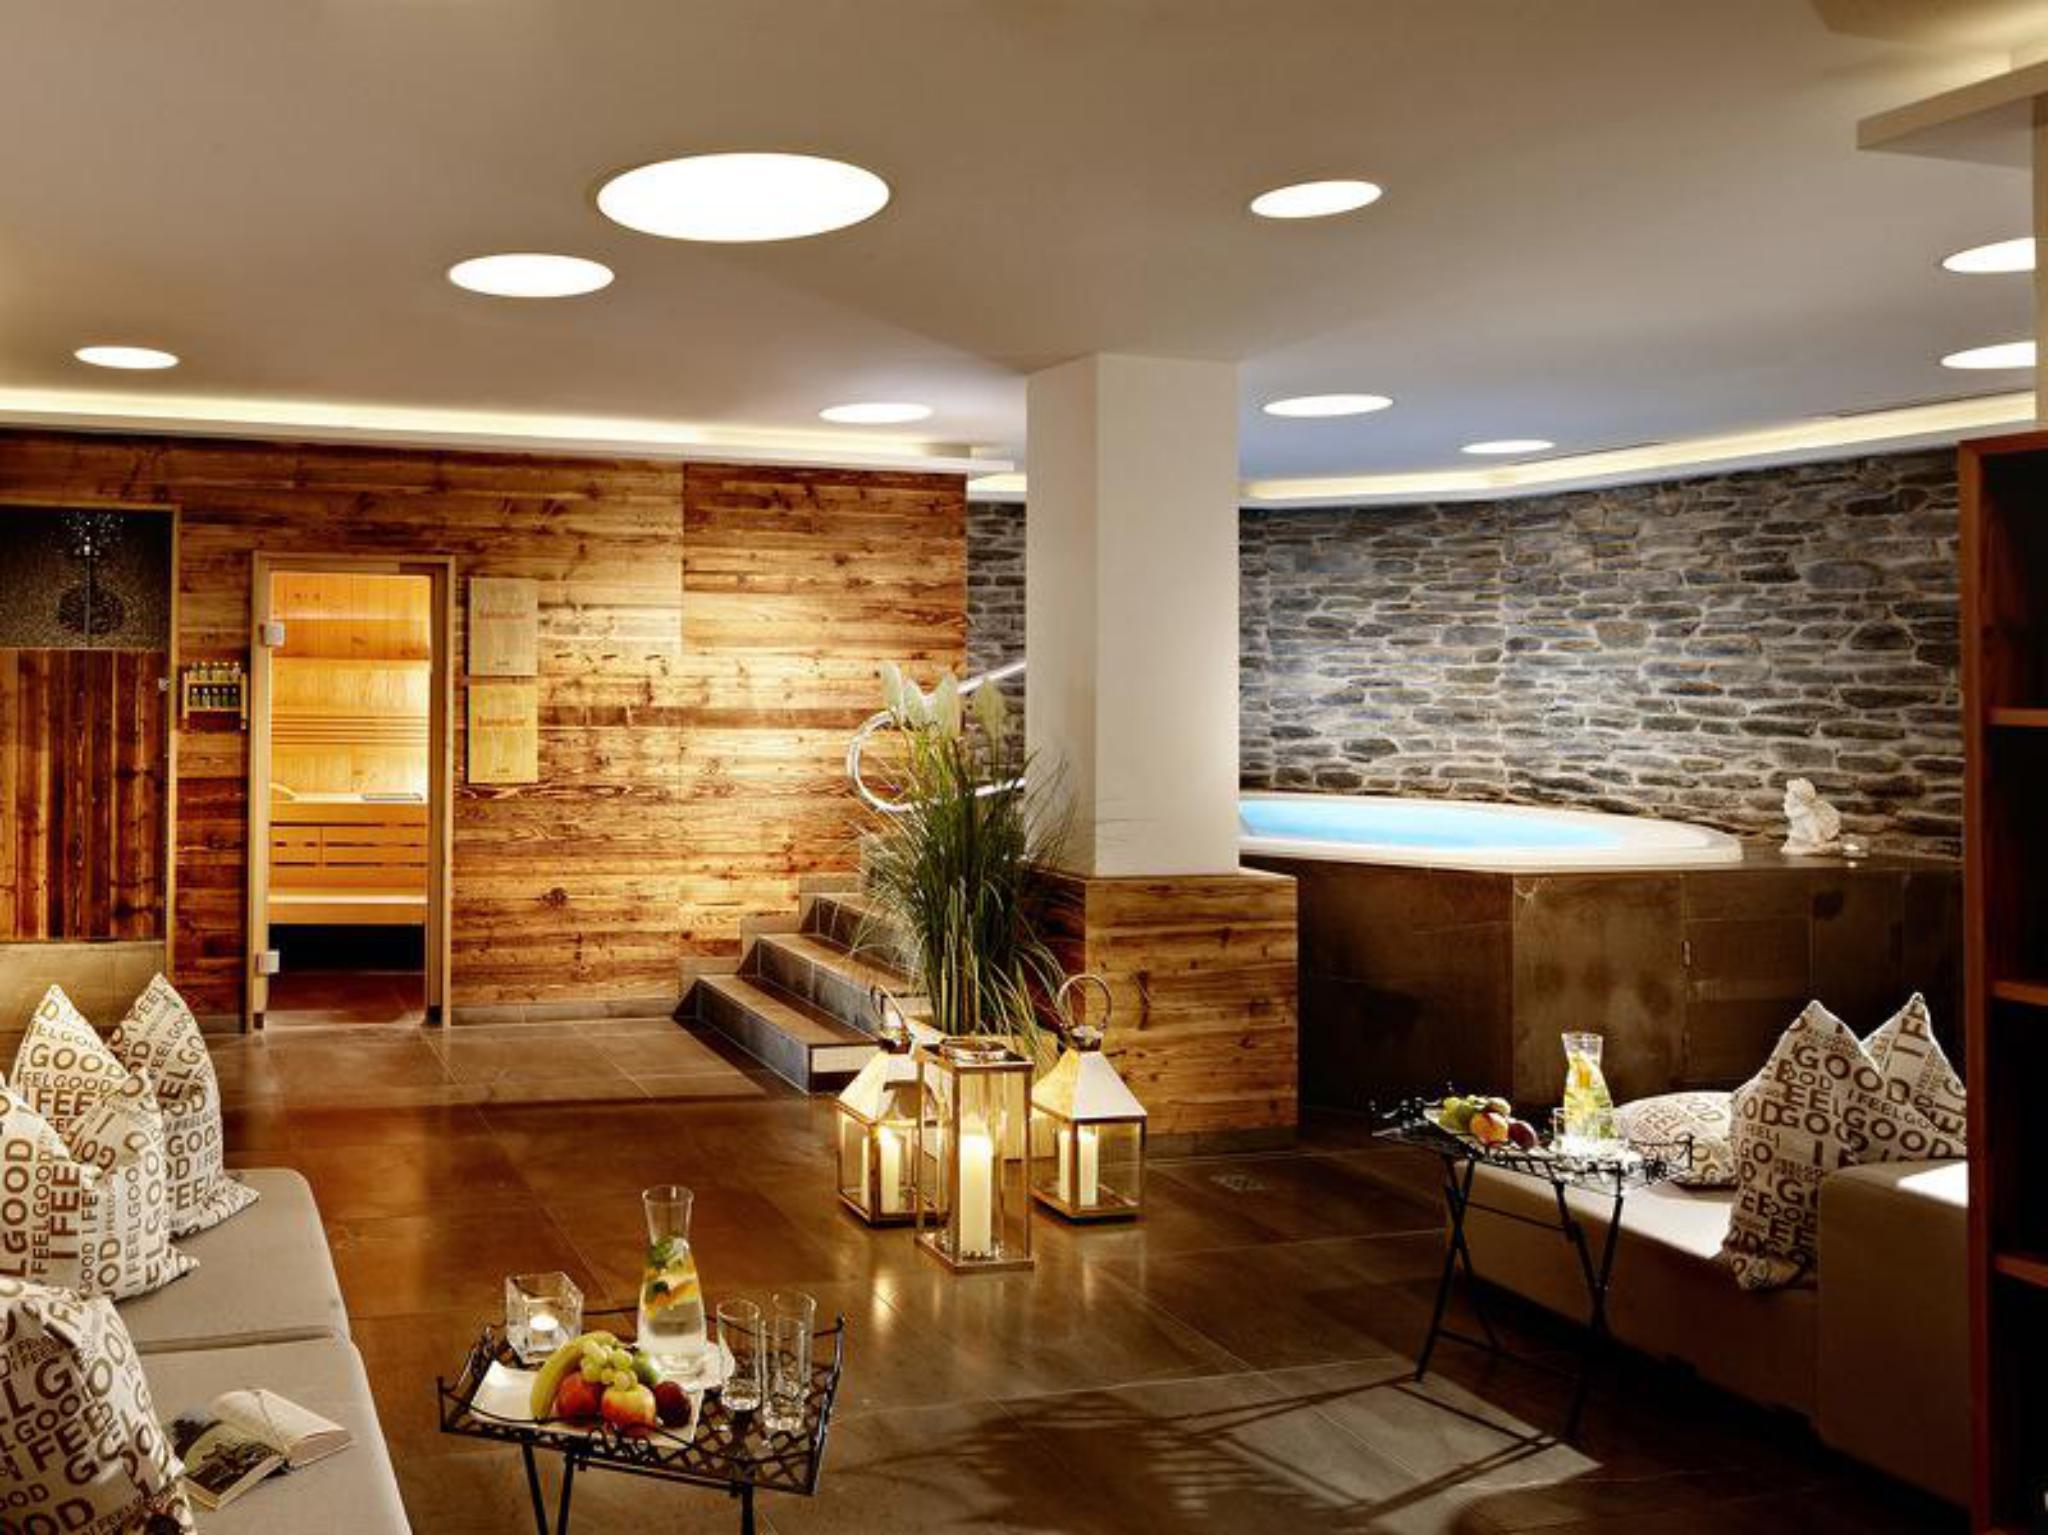 Gemütlich entspannen bei einem Saunagang mit anschließendem Bad! Foto: Großarler Hof